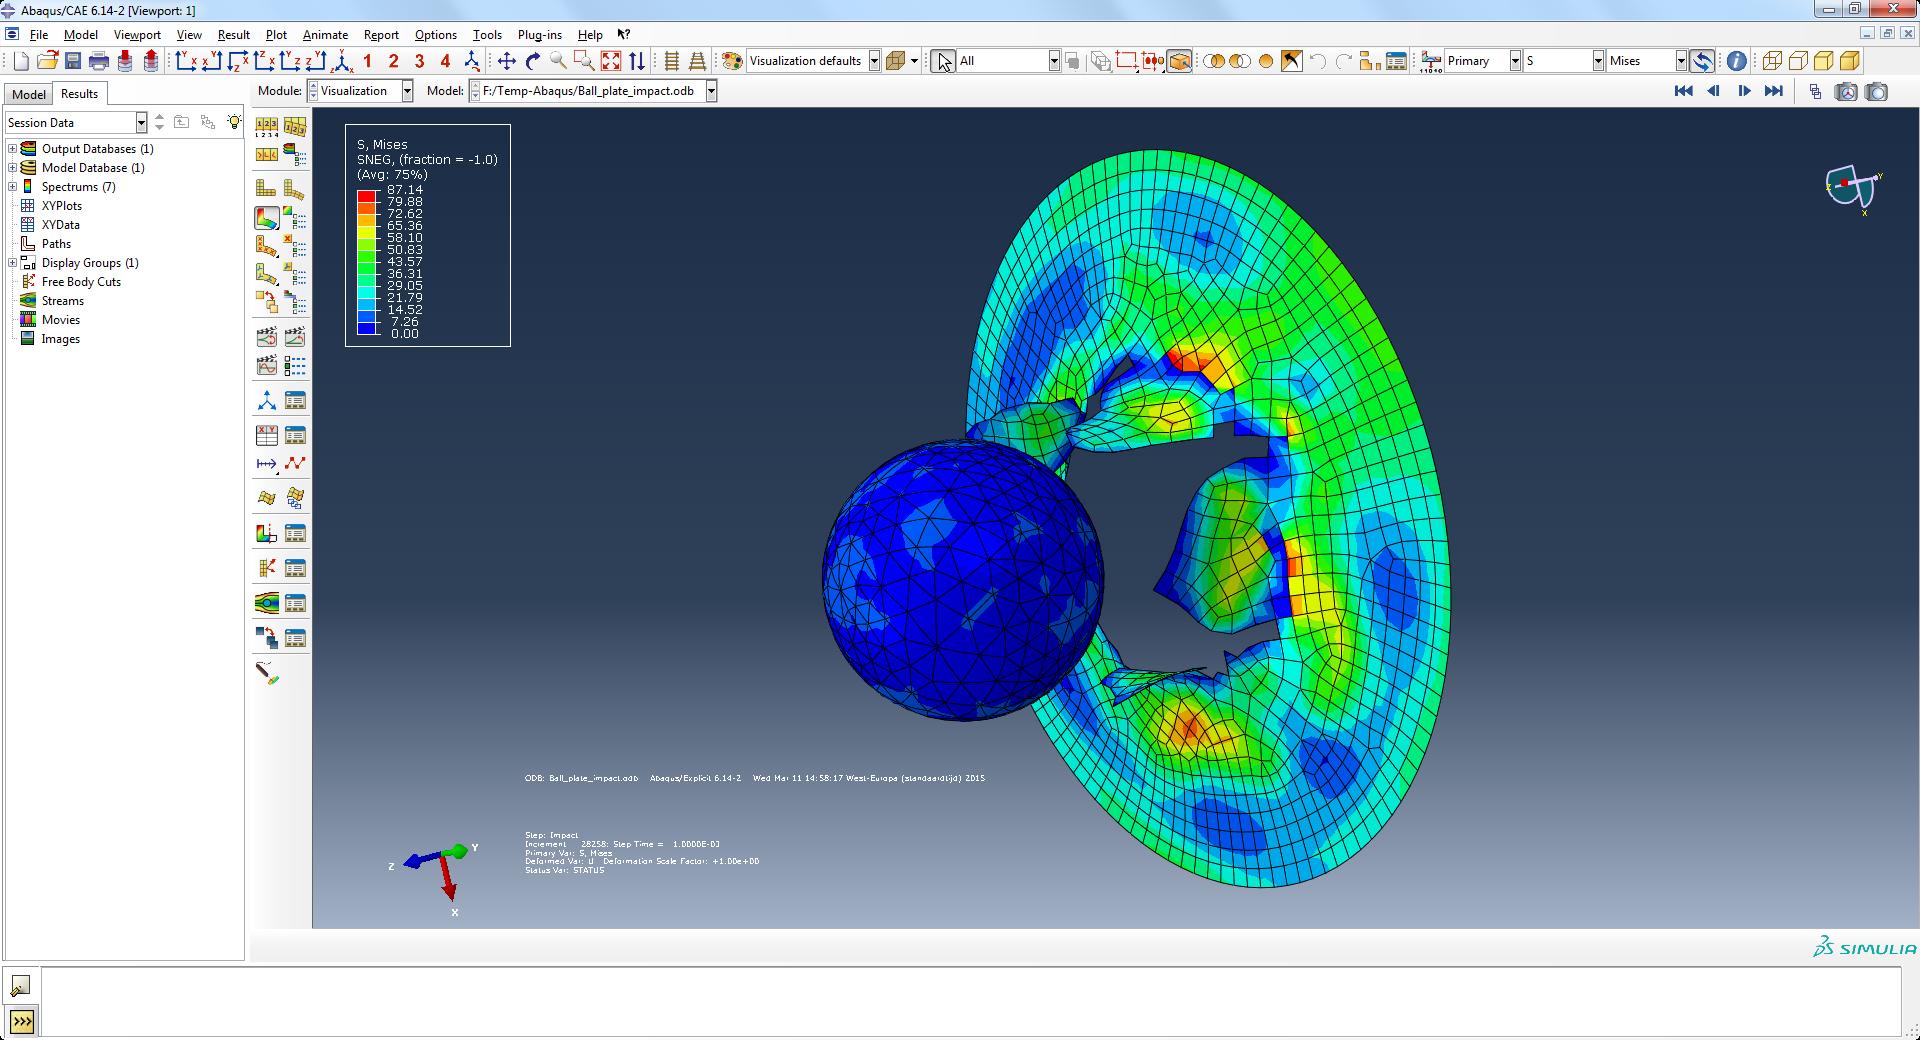 Simulia et Impression 3D